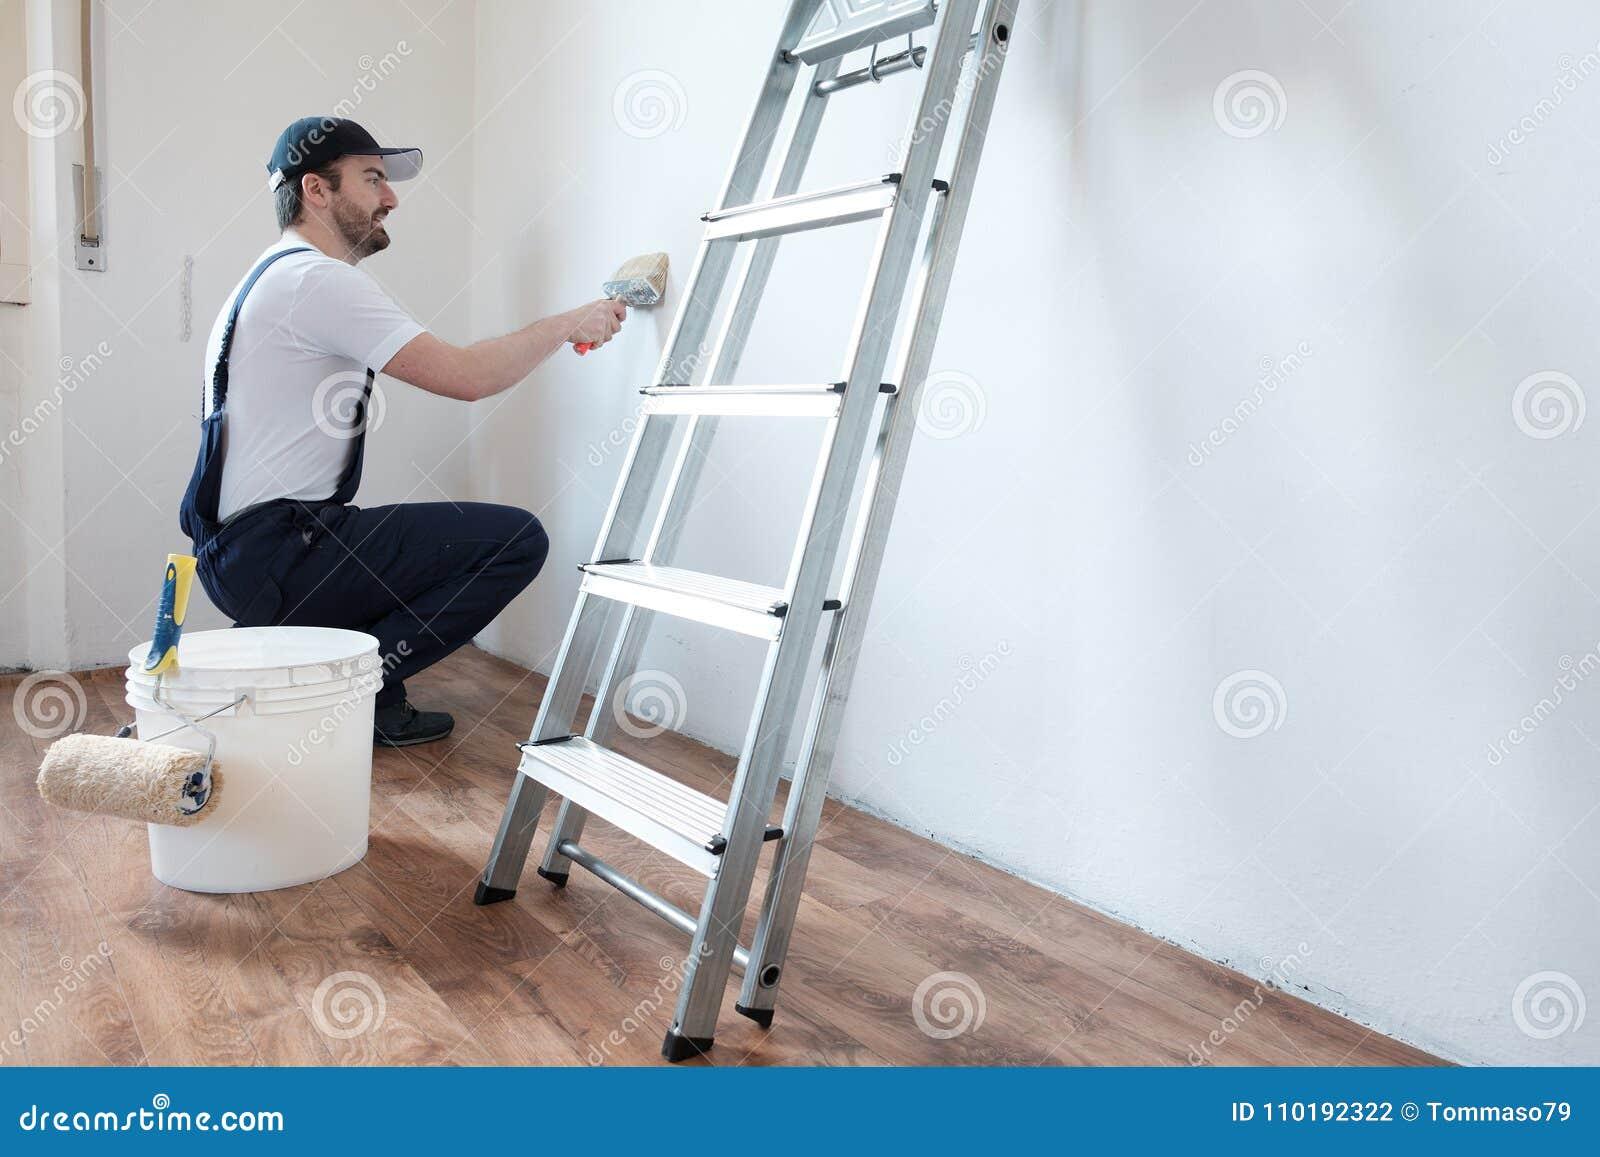 Le Travailleur Professionnel De Peintre Peint Un Mur Photo Stock